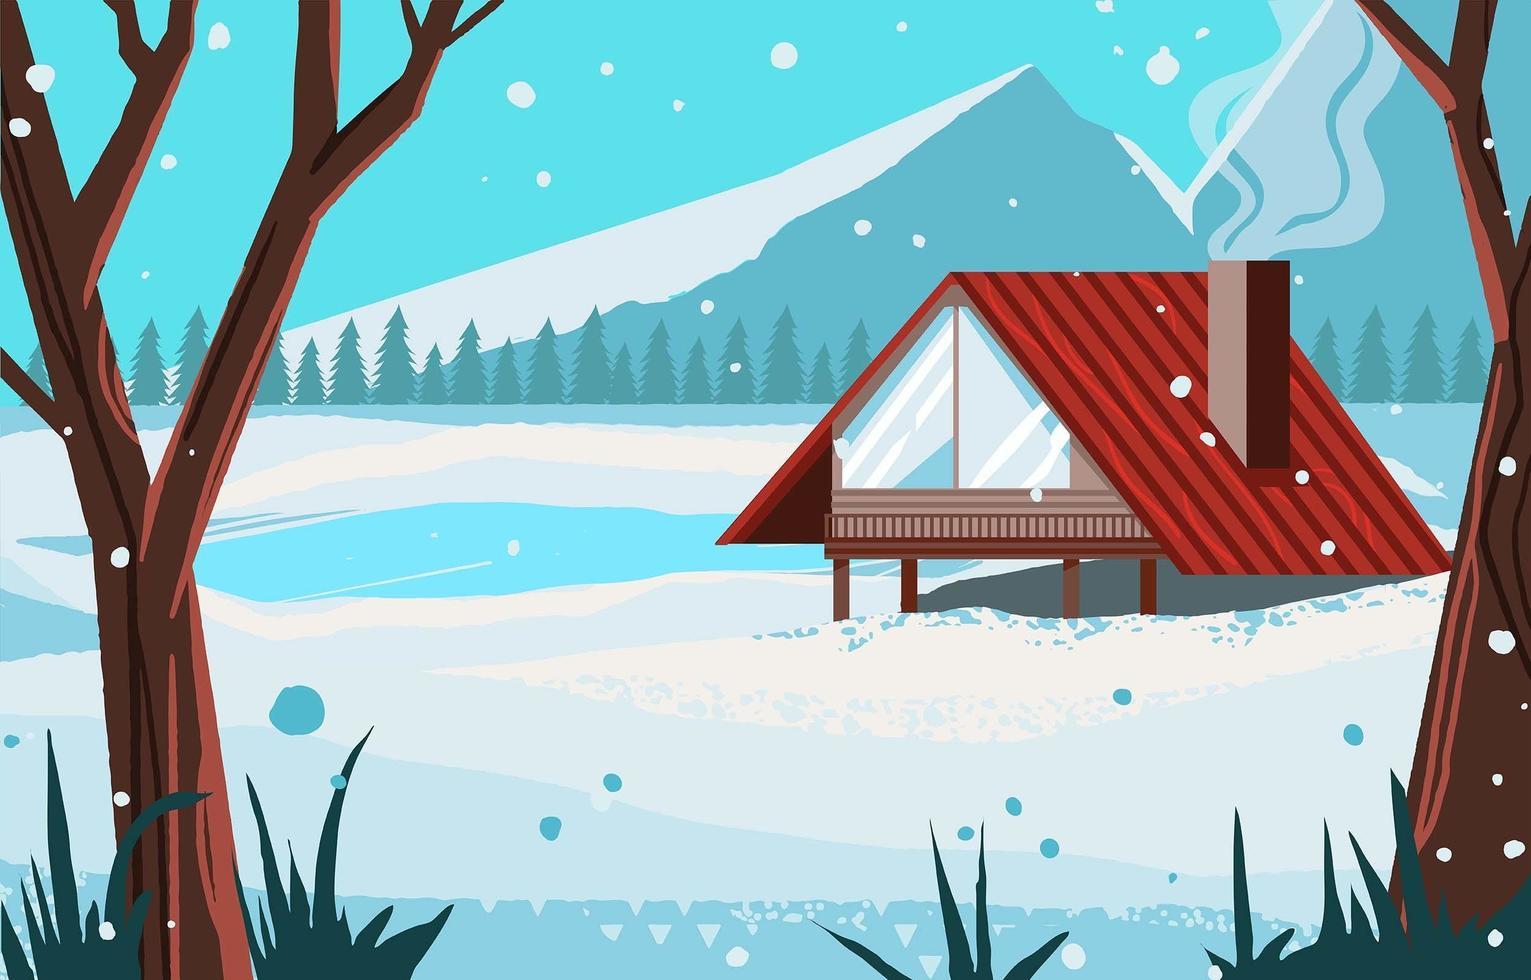 rood huis naast ijskoud meer in de winter vector